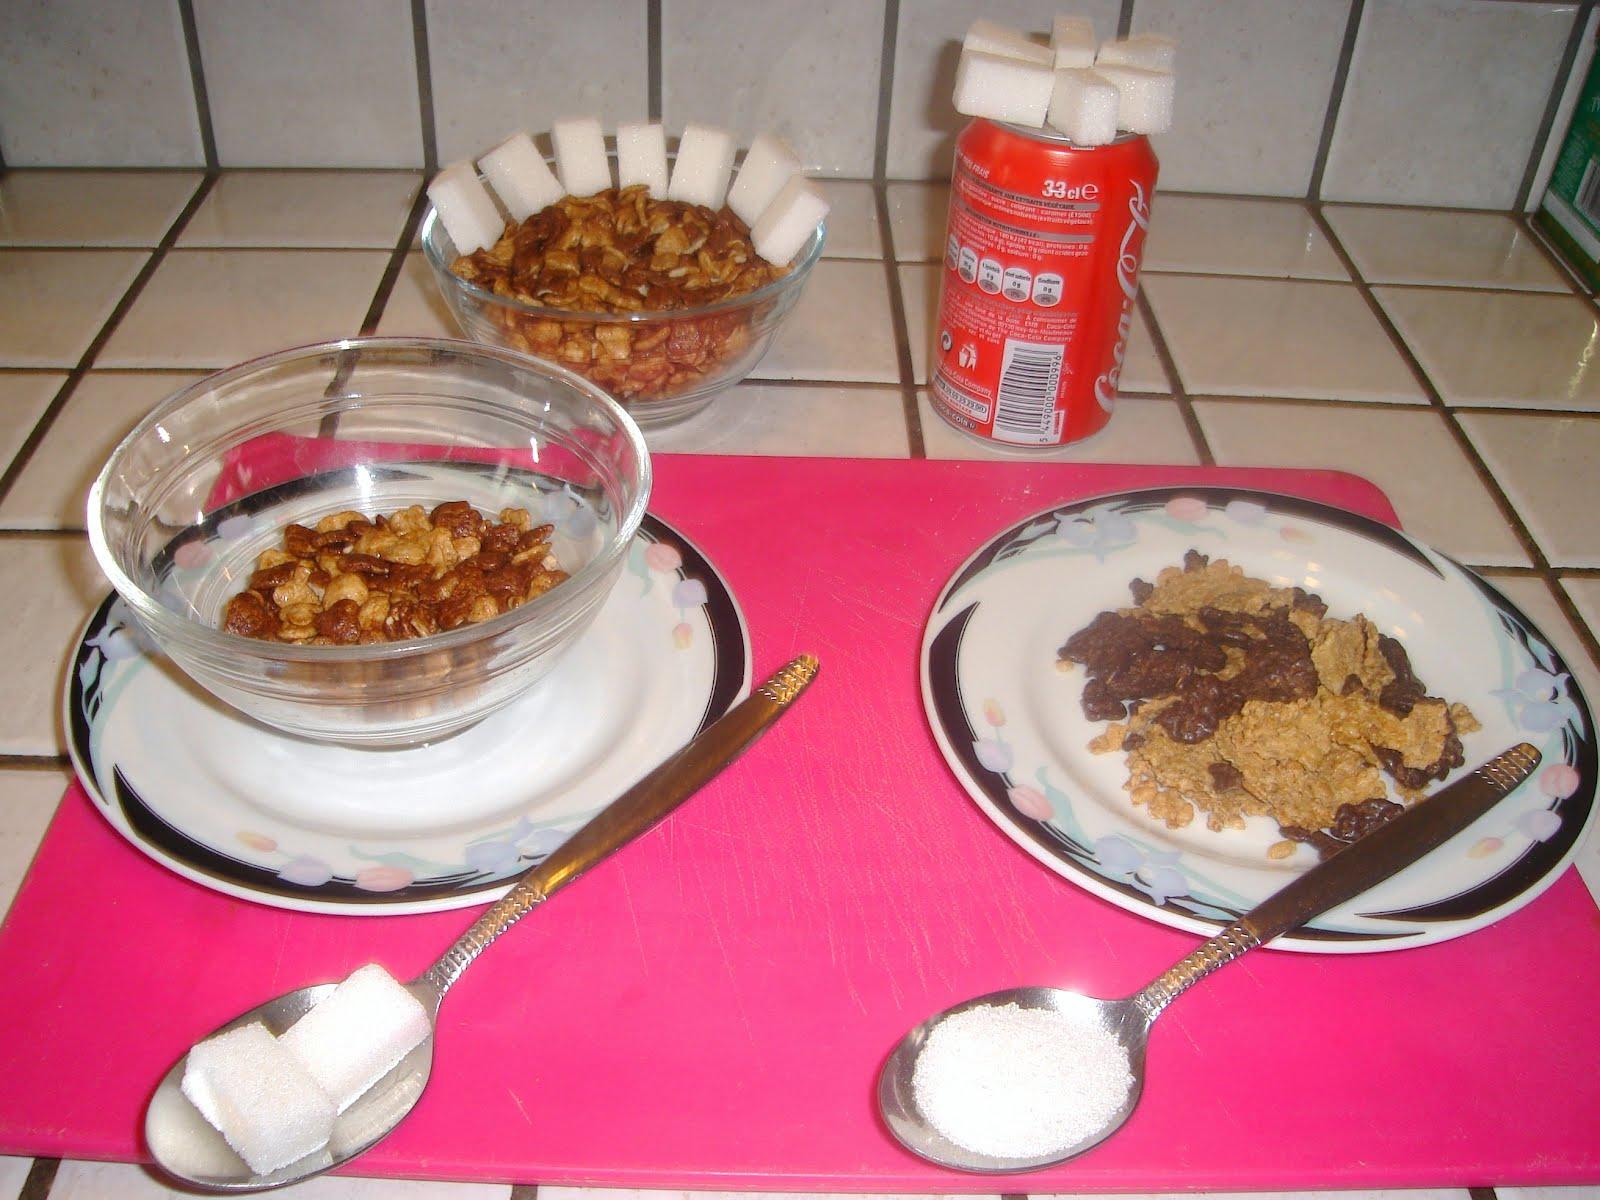 Une alimentation raisonn e ma cuisine sympa for Abonnement cuisine sympa